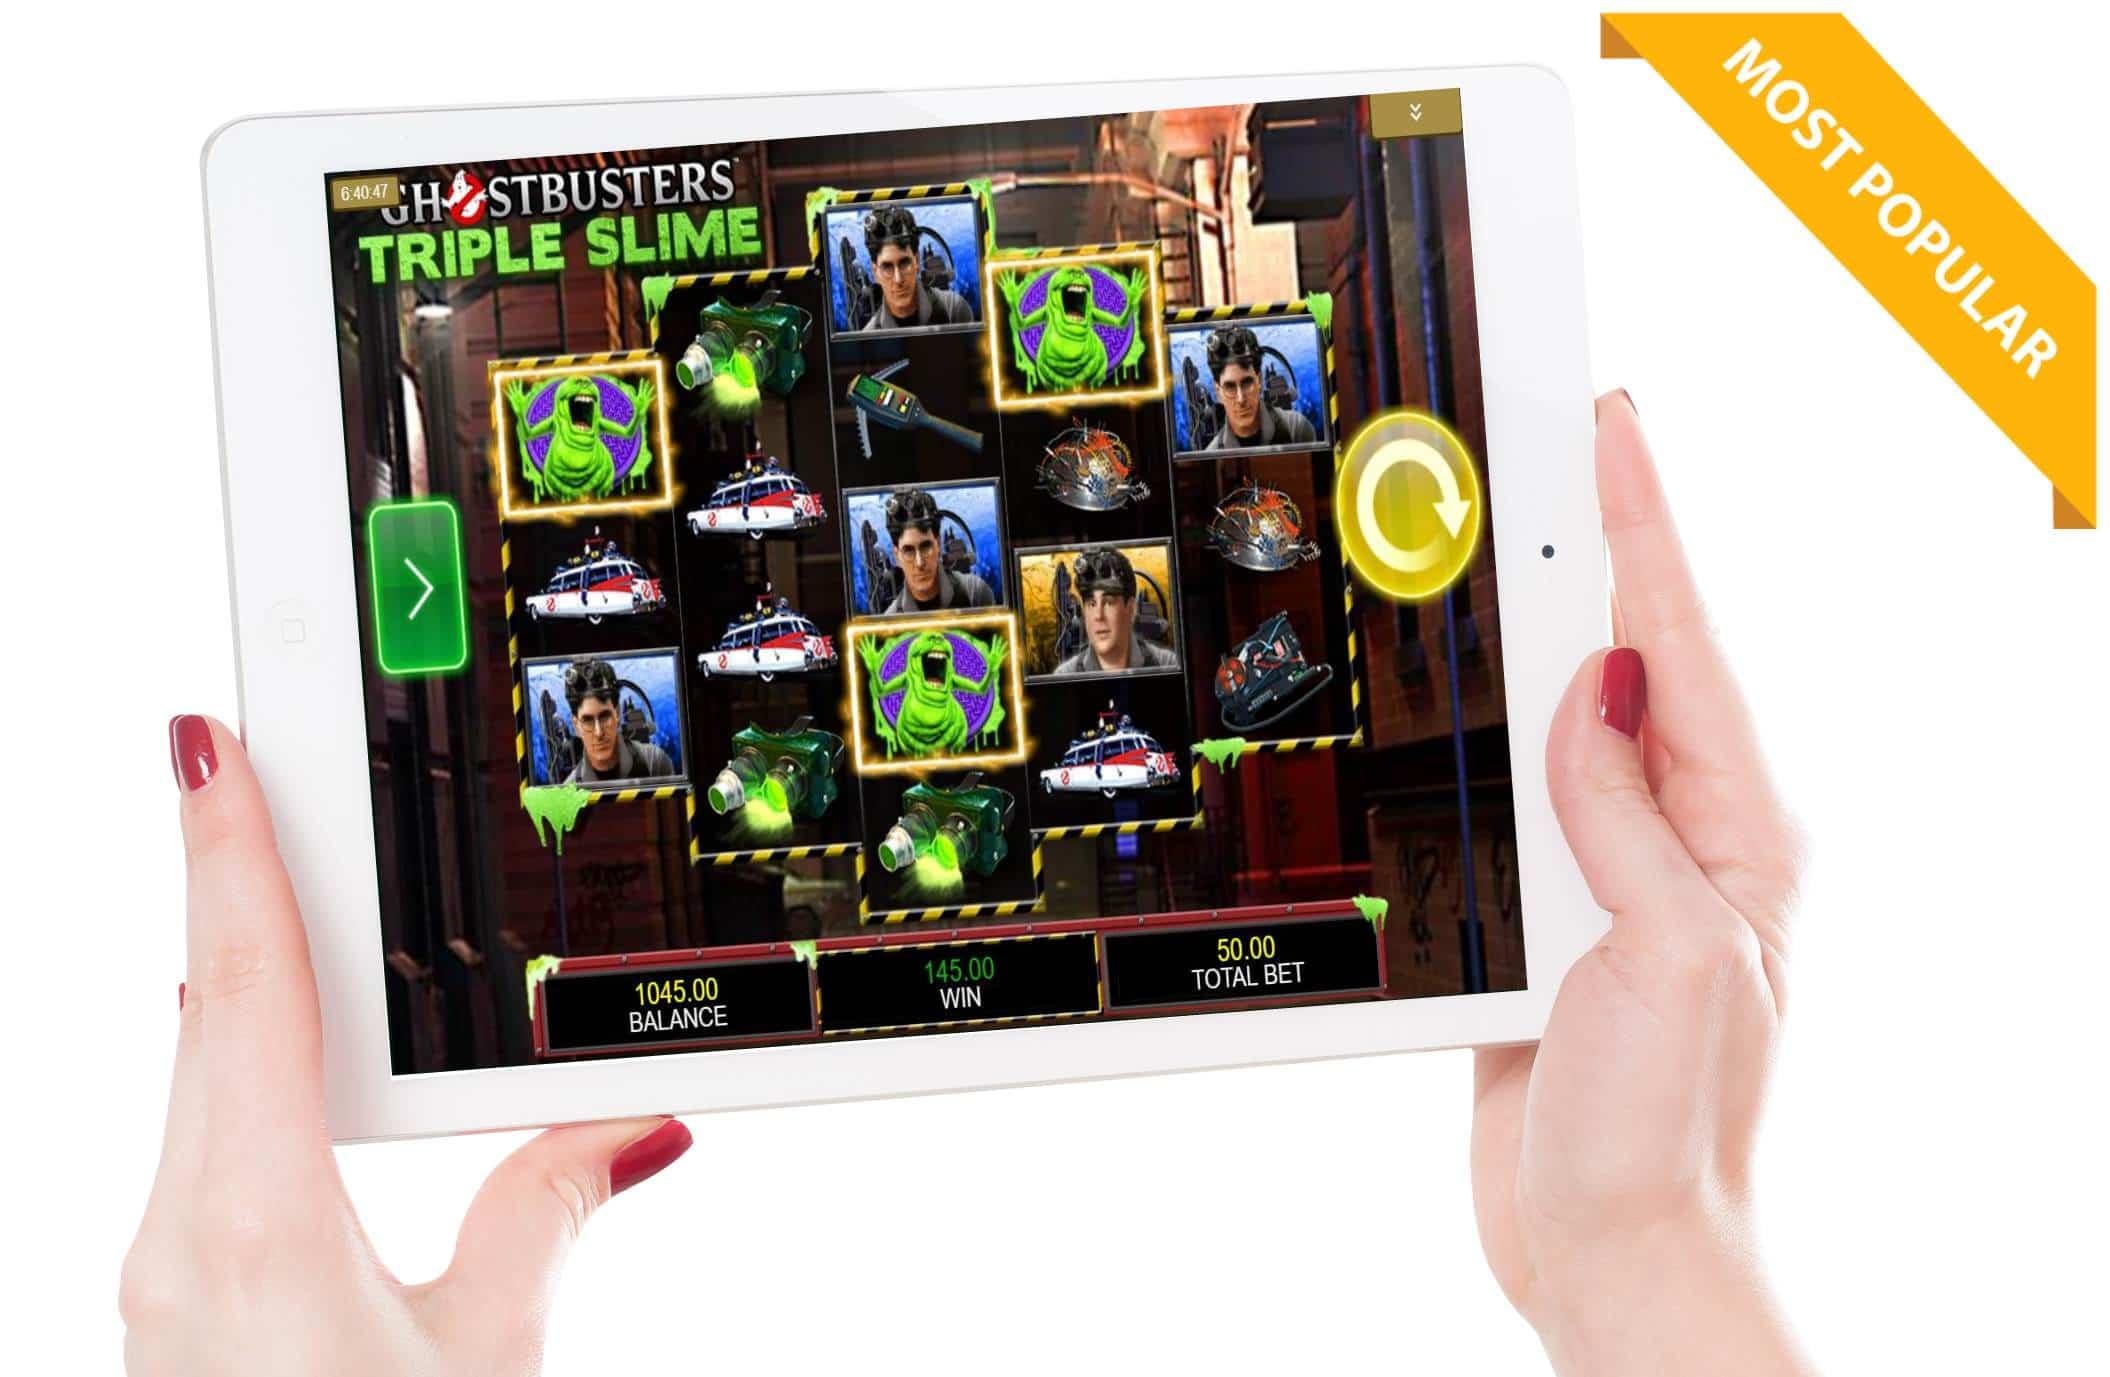 Top Slots App